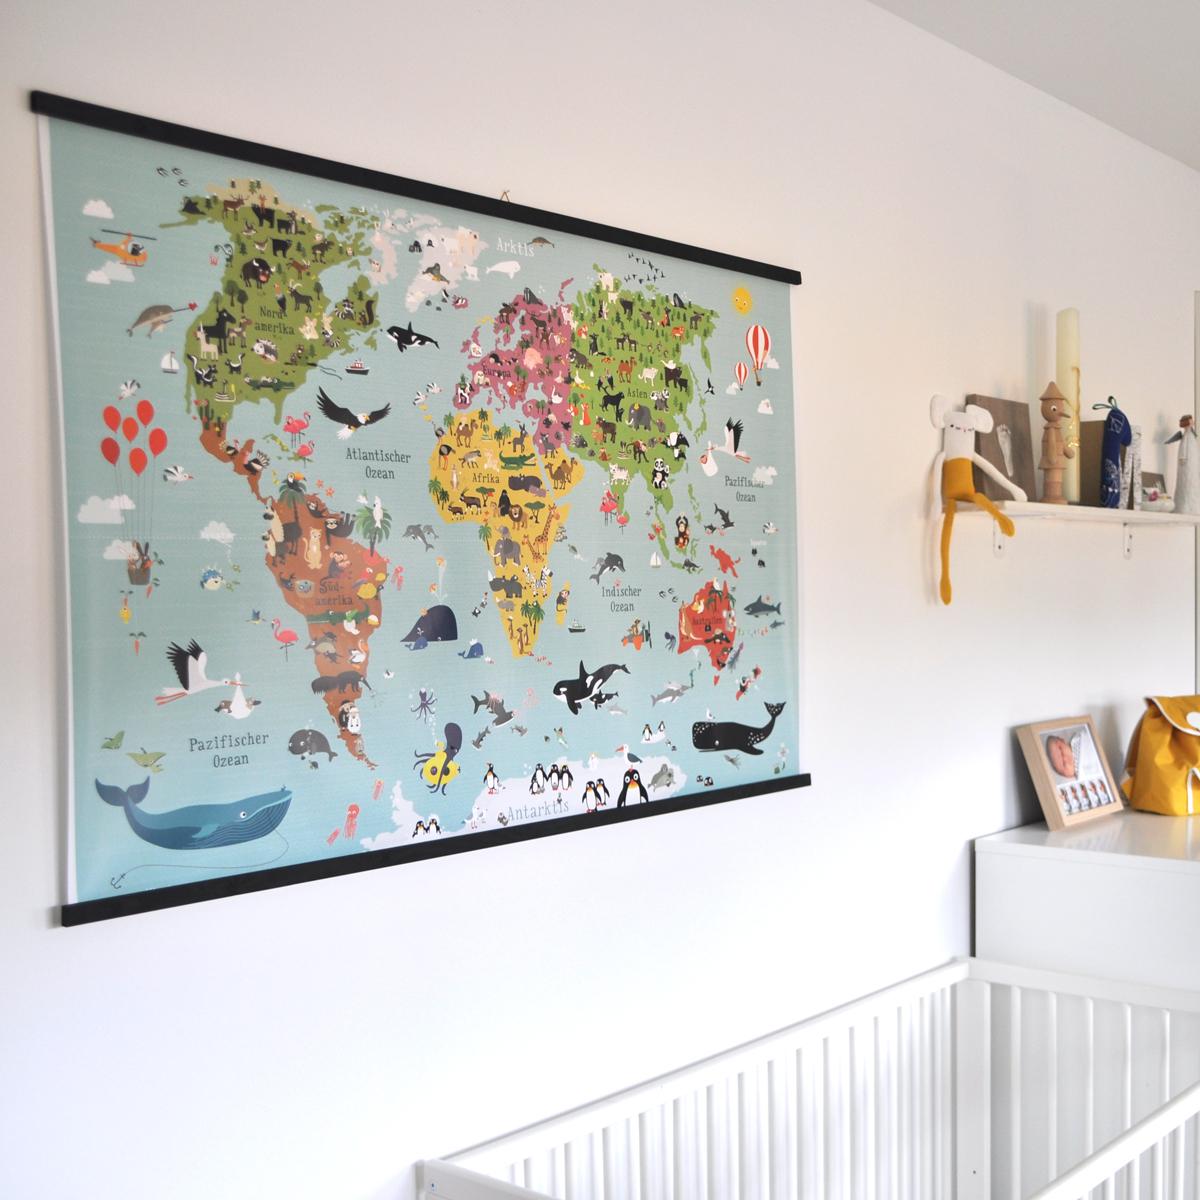 Die ganze Welt im Kinderzimmer | Herzblutprojekt - blick7